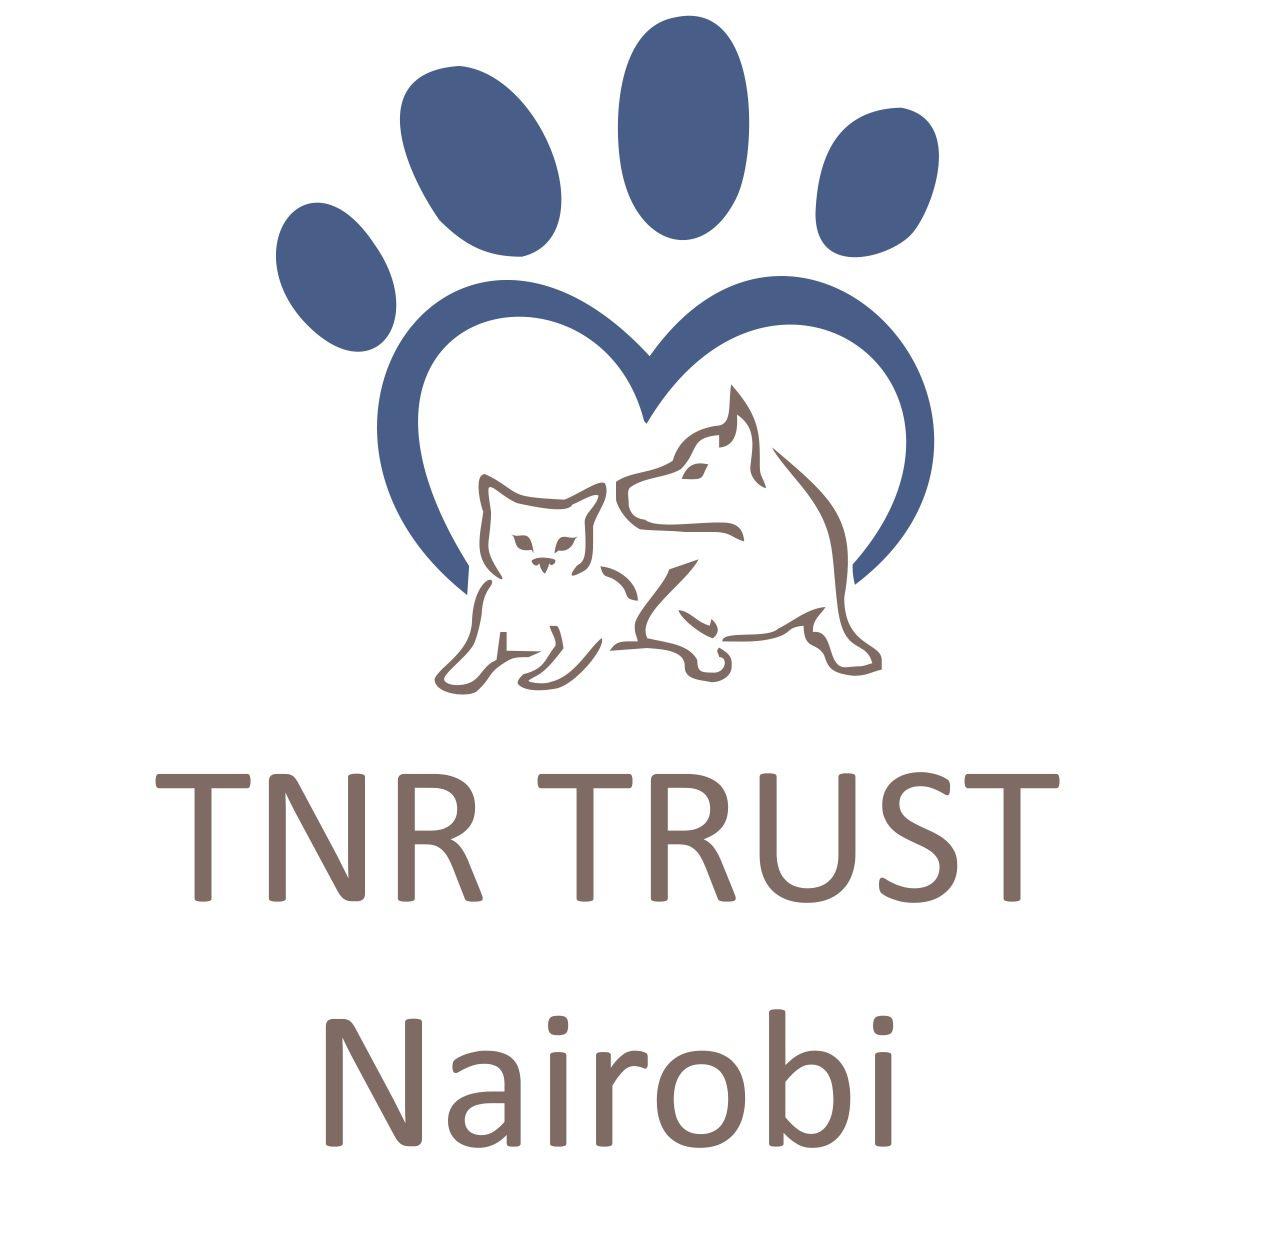 TNR Trust Nairobi